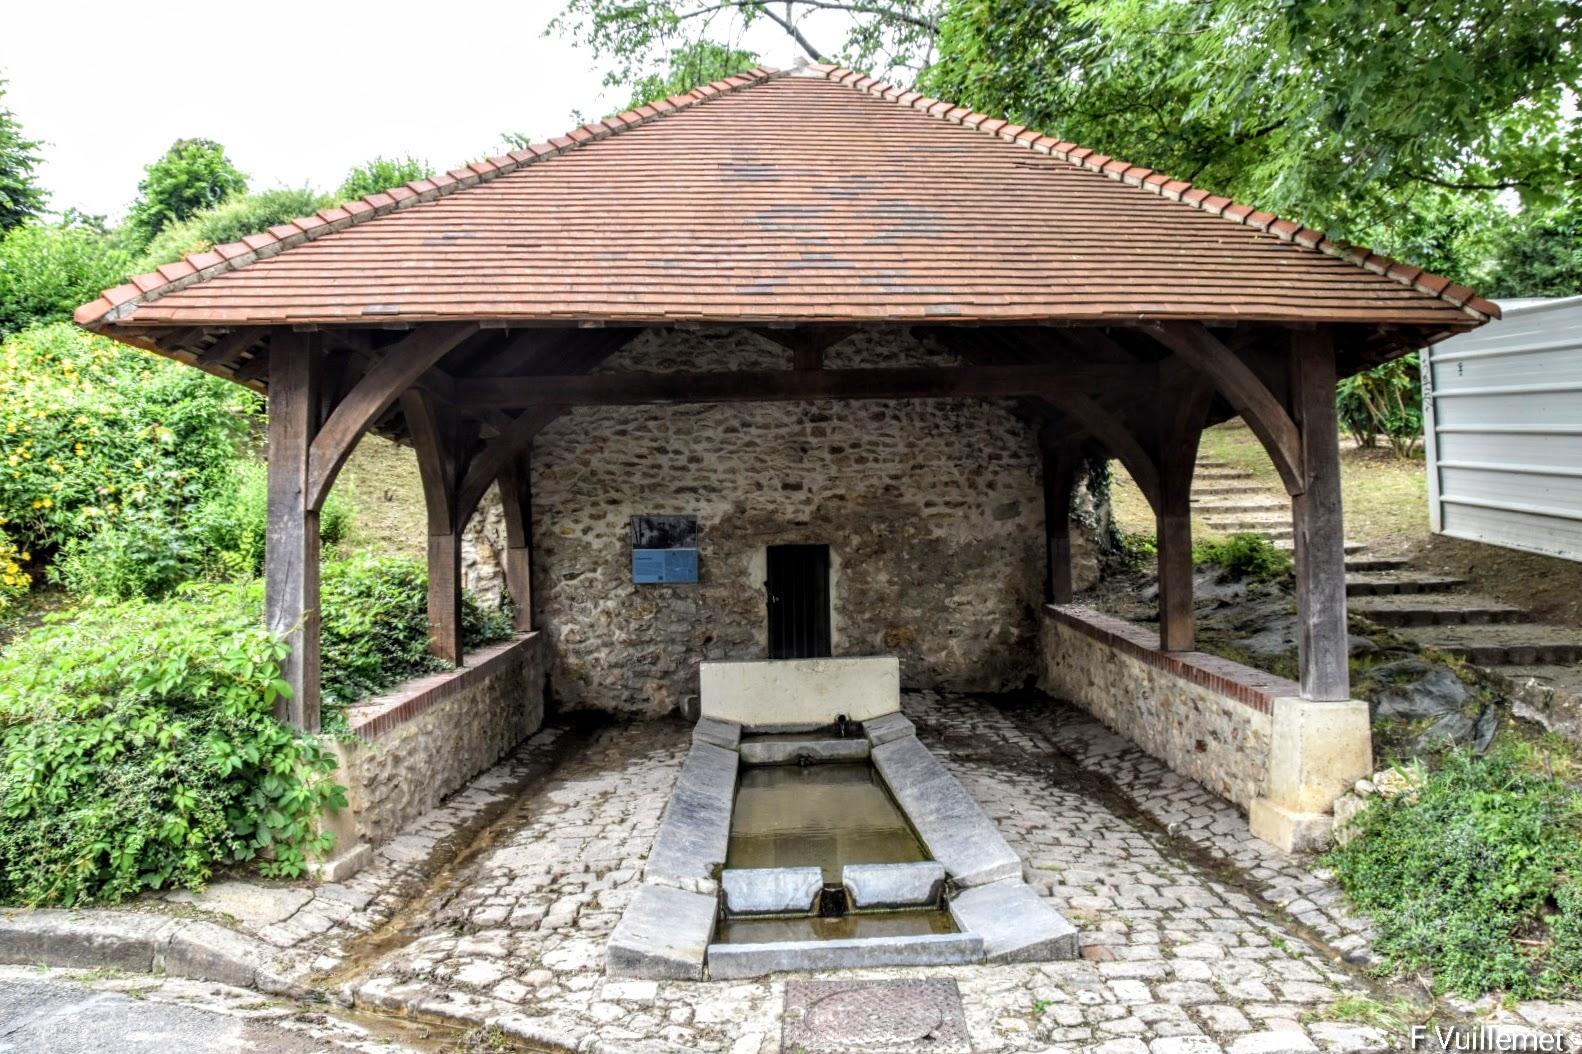 Le lavoir de l'Eauriette à Saint-Leu-la-Forêt (juillet 2021 - photo de François Vuillemet)